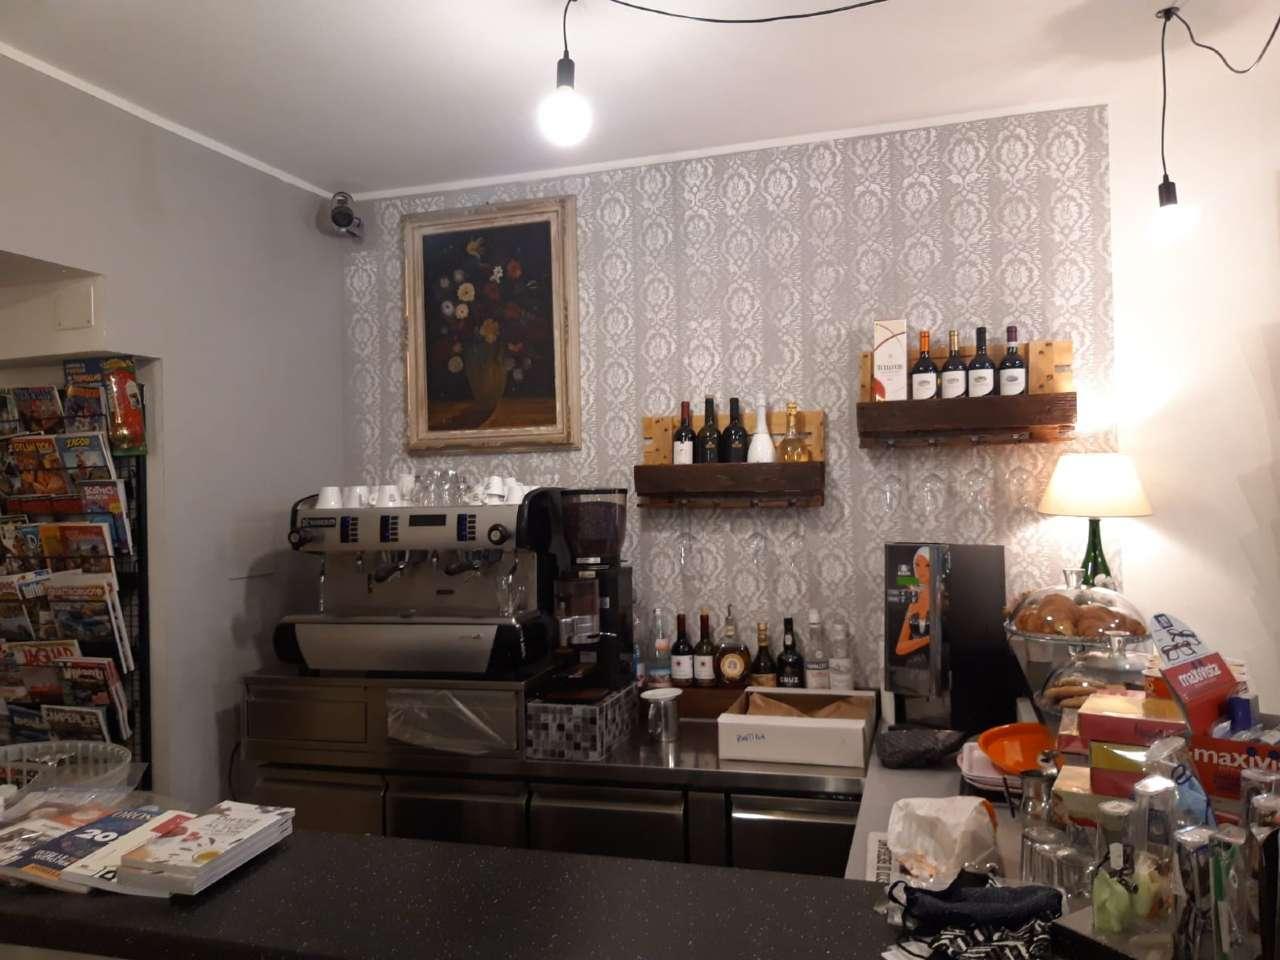 Tabacchi / Ricevitoria in affitto a Pontida, 1 locali, prezzo € 300 | PortaleAgenzieImmobiliari.it